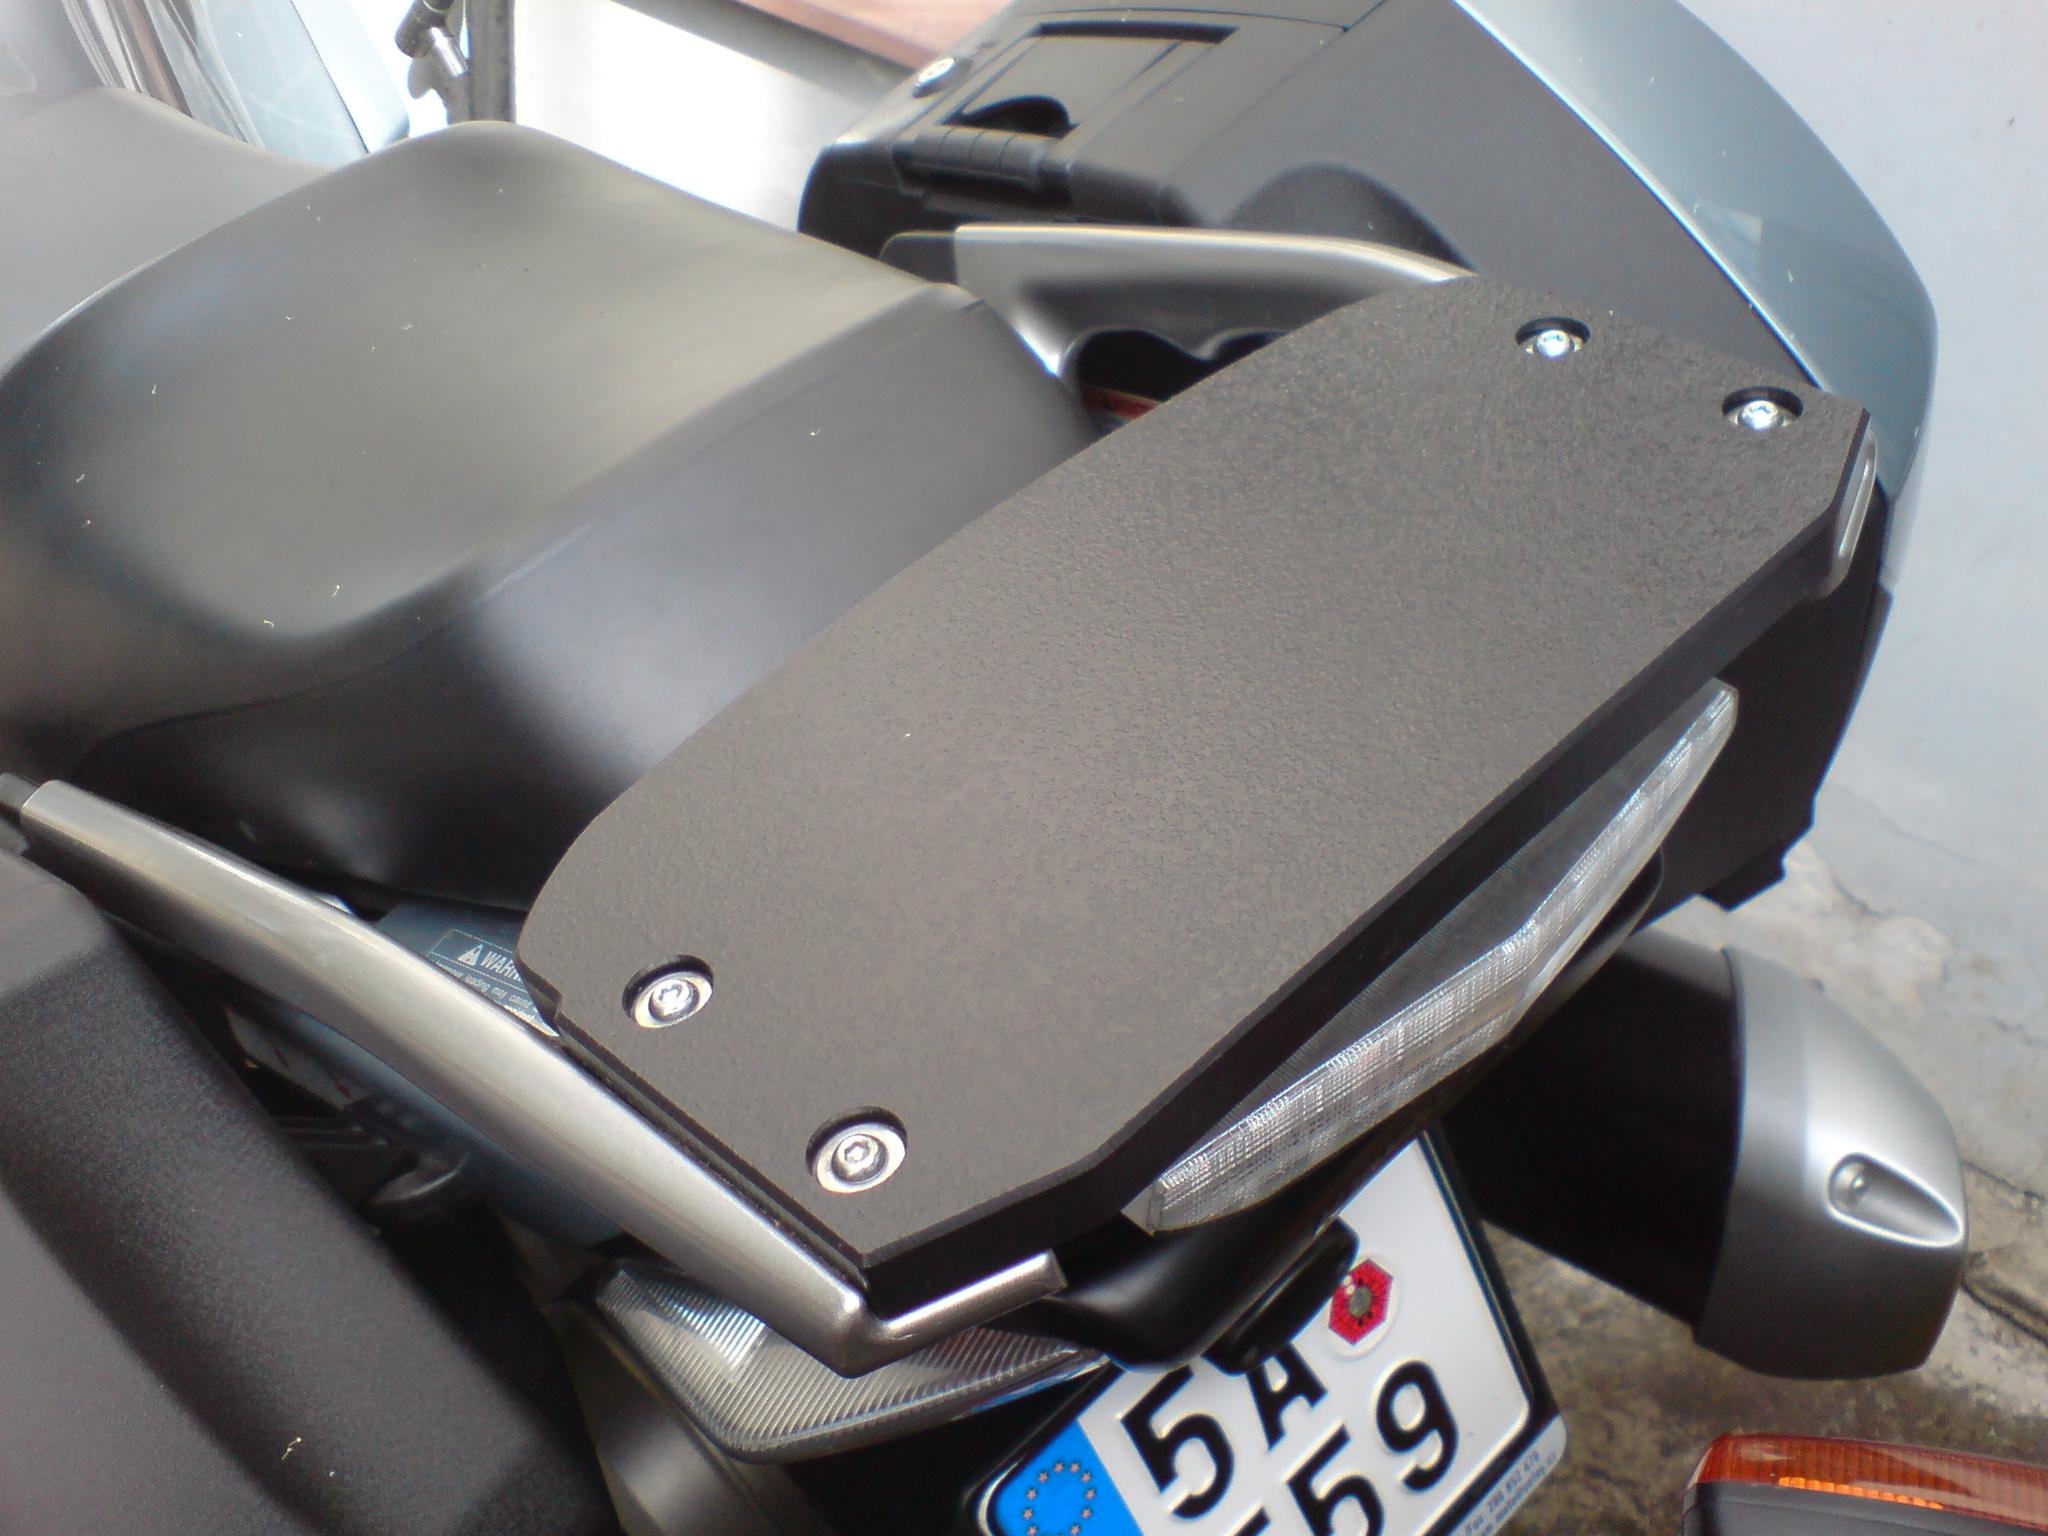 CNC obrábění plastů, hliníku, akrylátu, dřeva či gumy